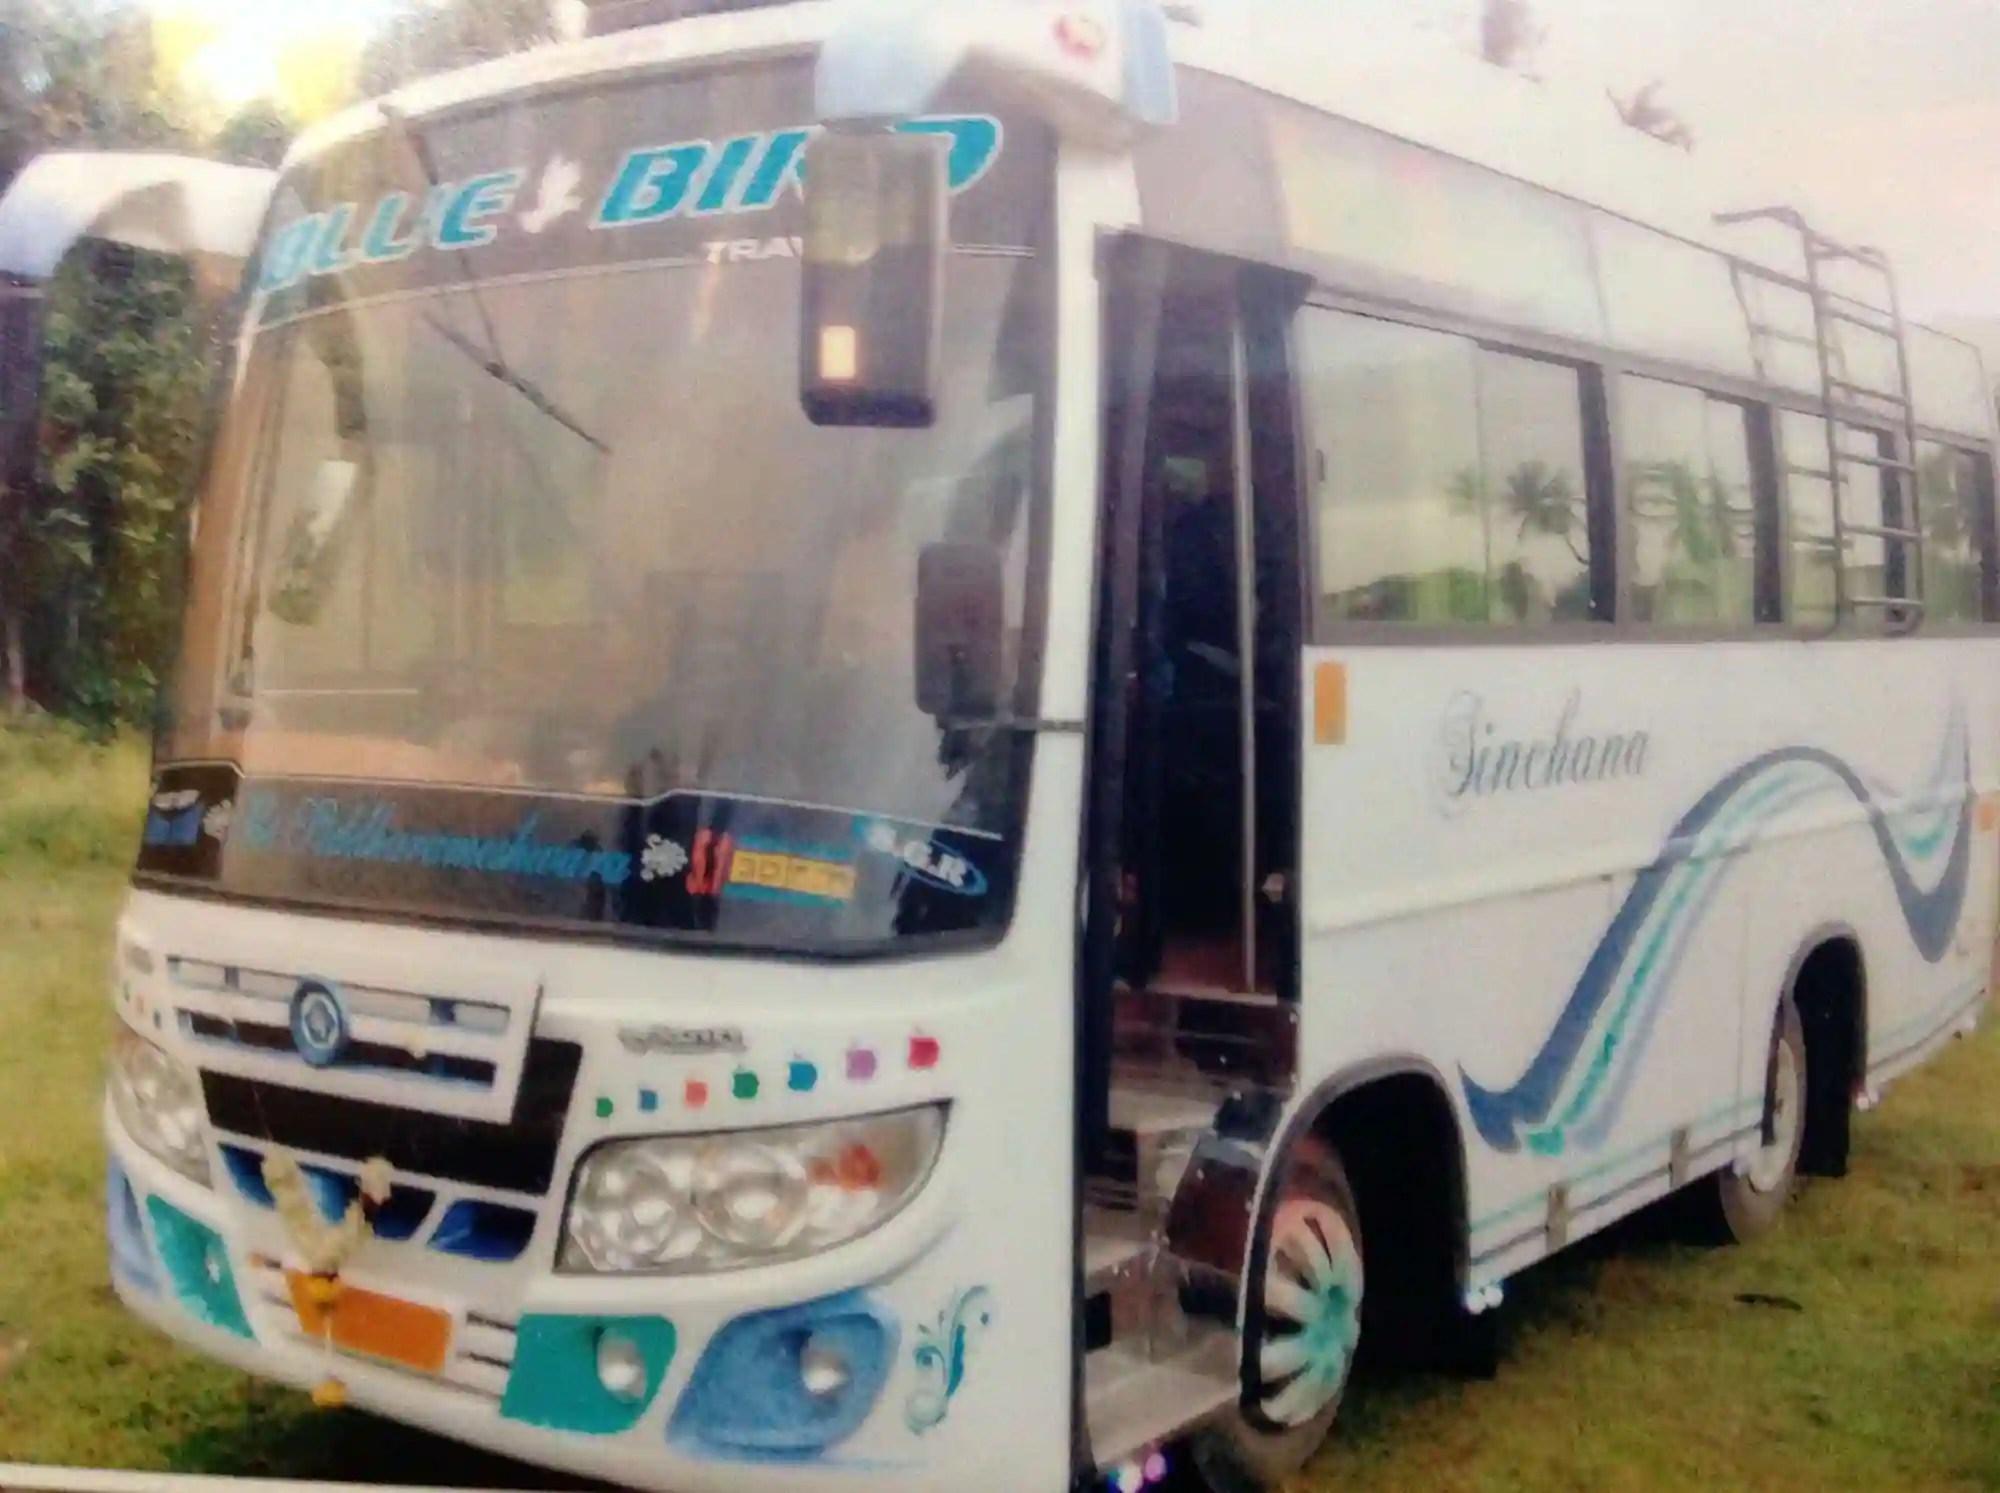 WRG-1641] 2002 Bluebird Bus Wiring Diagram on